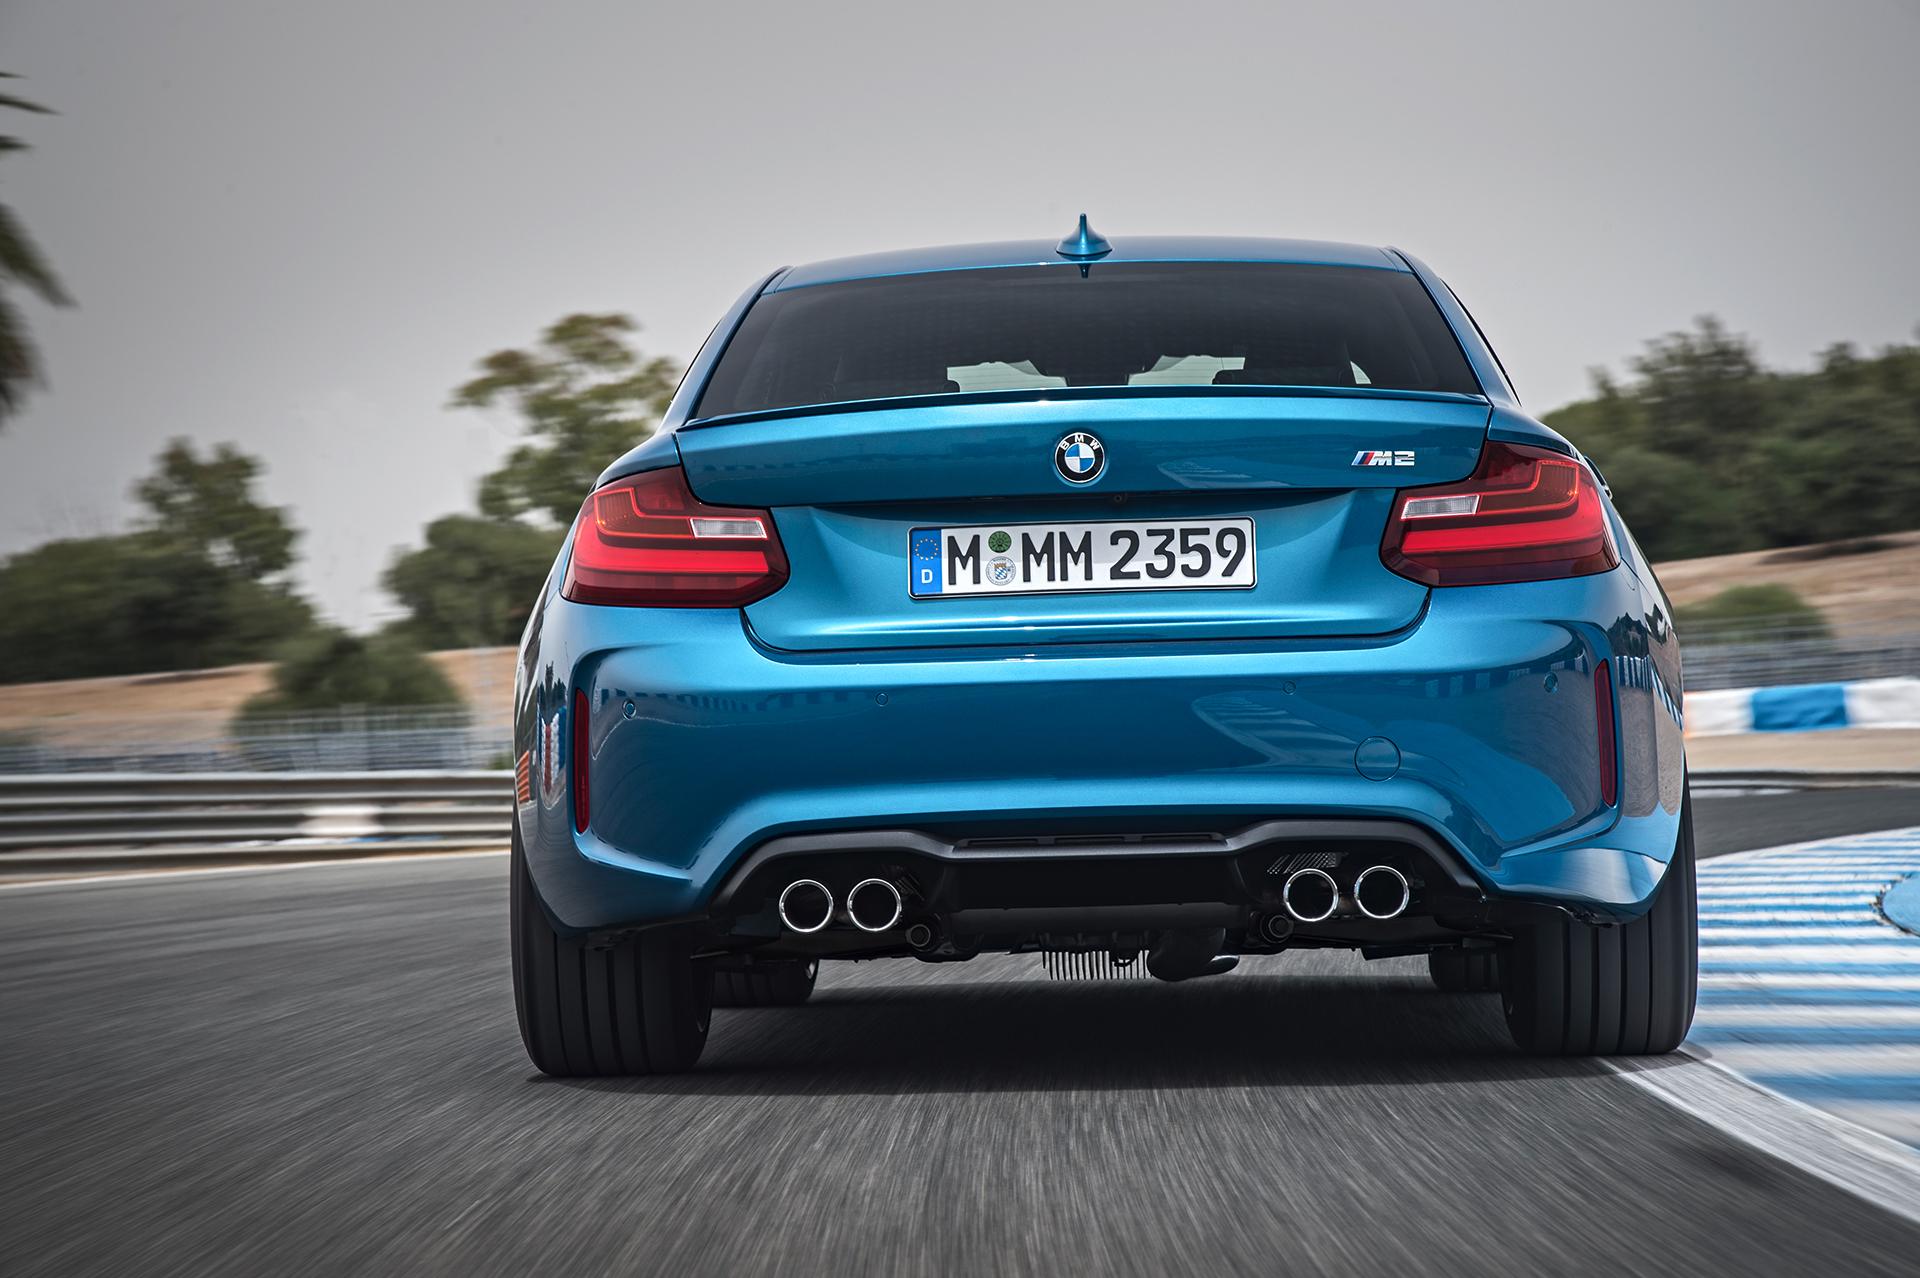 BMW M2 - 2016 - arrière / rear - sur circuit / on track